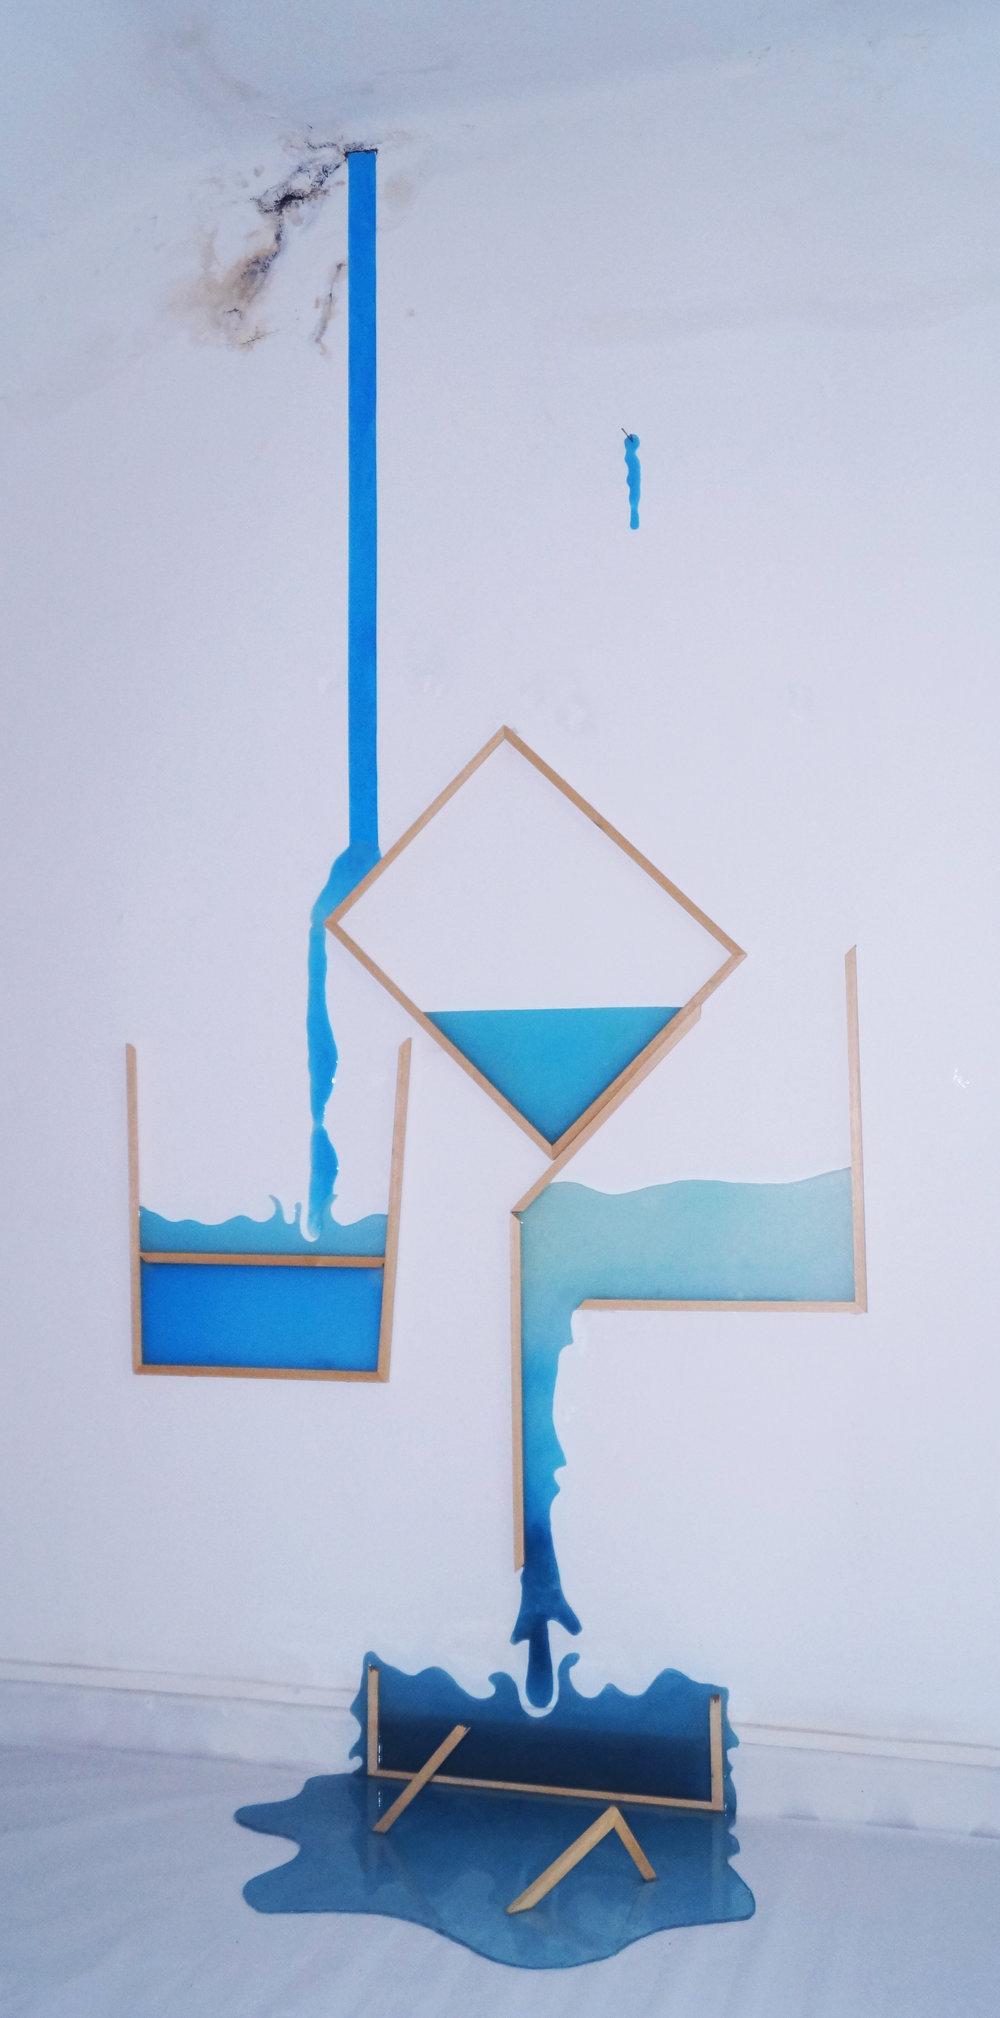 Incontenibles,  2016  Metacrilato, epoxi, colorantes, marcos de madera y clavos  250 x 150 x 50 cm